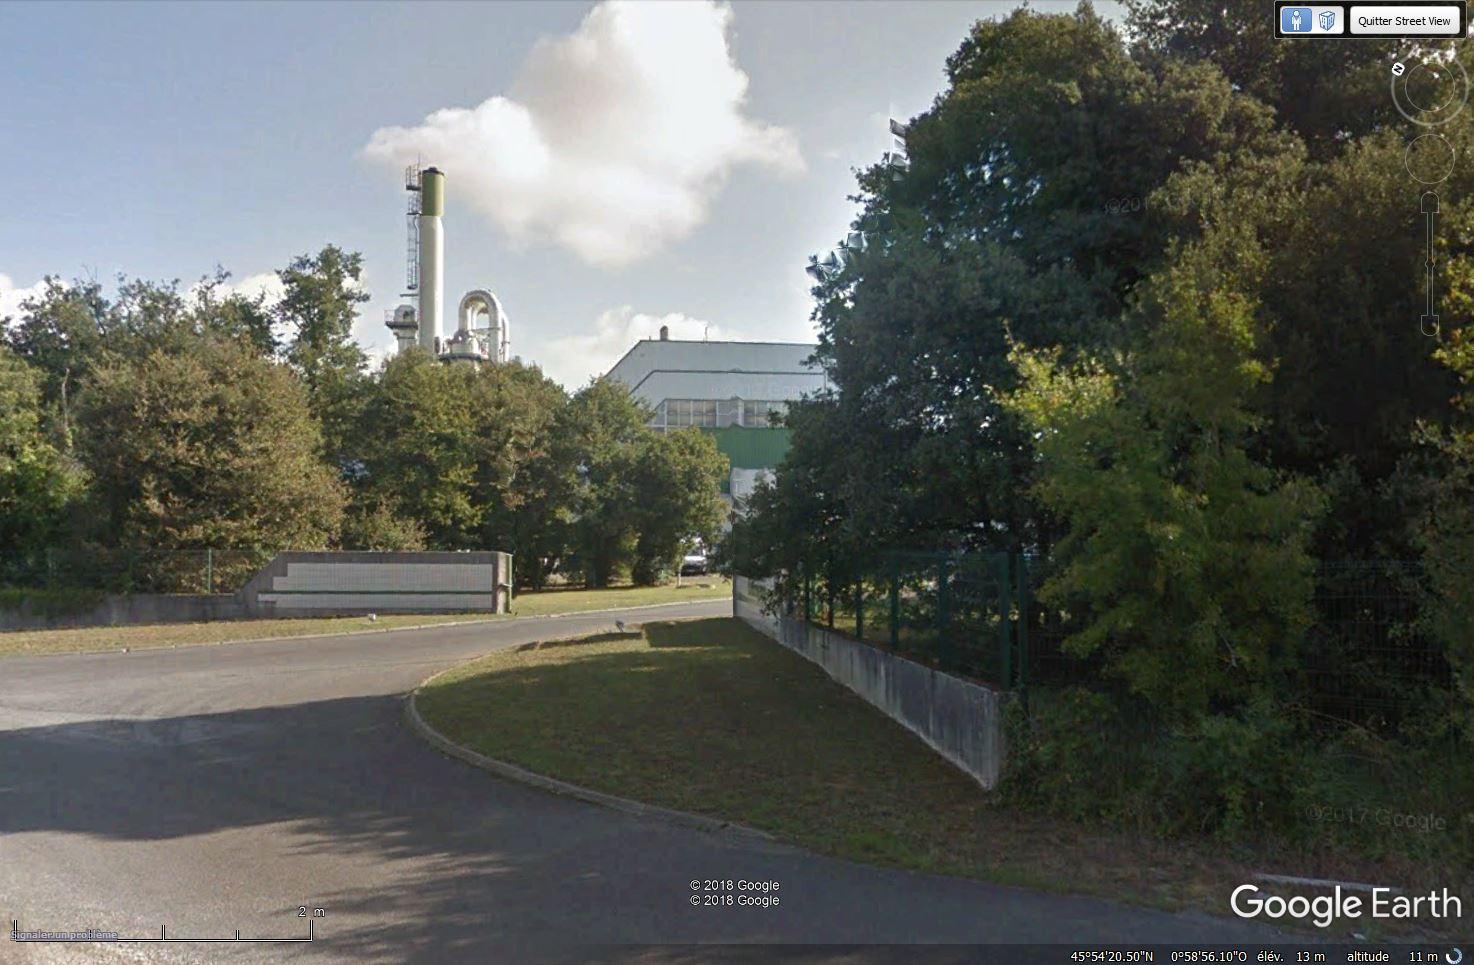 [Désormais visible sur Google Earth] - Unité multi-filières de valorisation des déchets, Echillais (17) Tsge_173